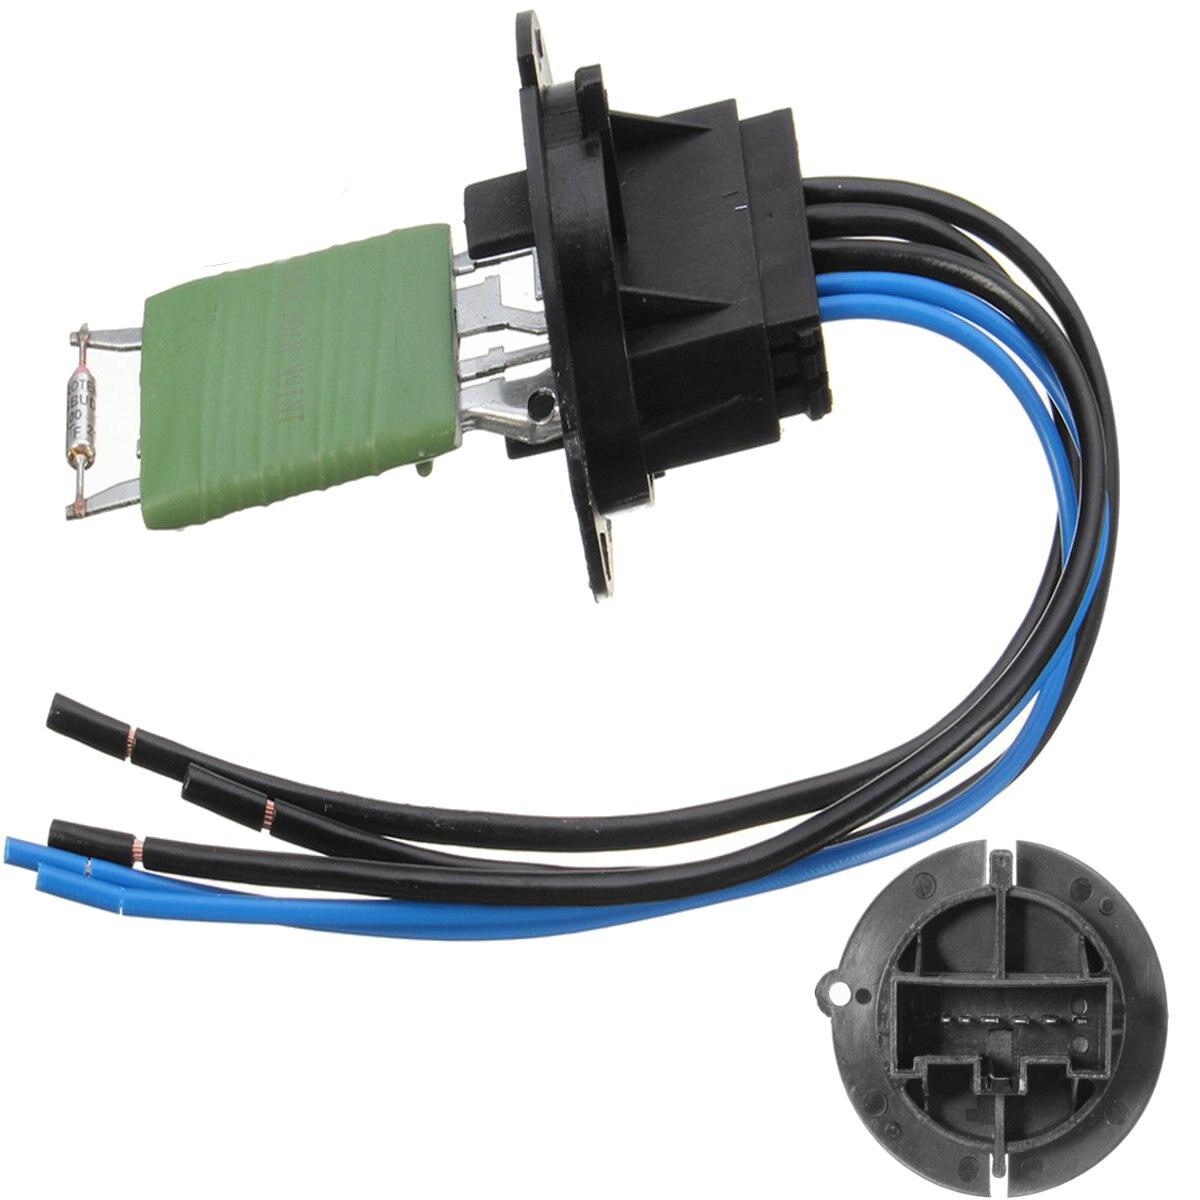 Auto Stookweerstand Connector En Kabelboom 6445ZL 6445KL 6450JP Voor Peugeot 206 307 Voor Citroen C3 Xsara Picasso